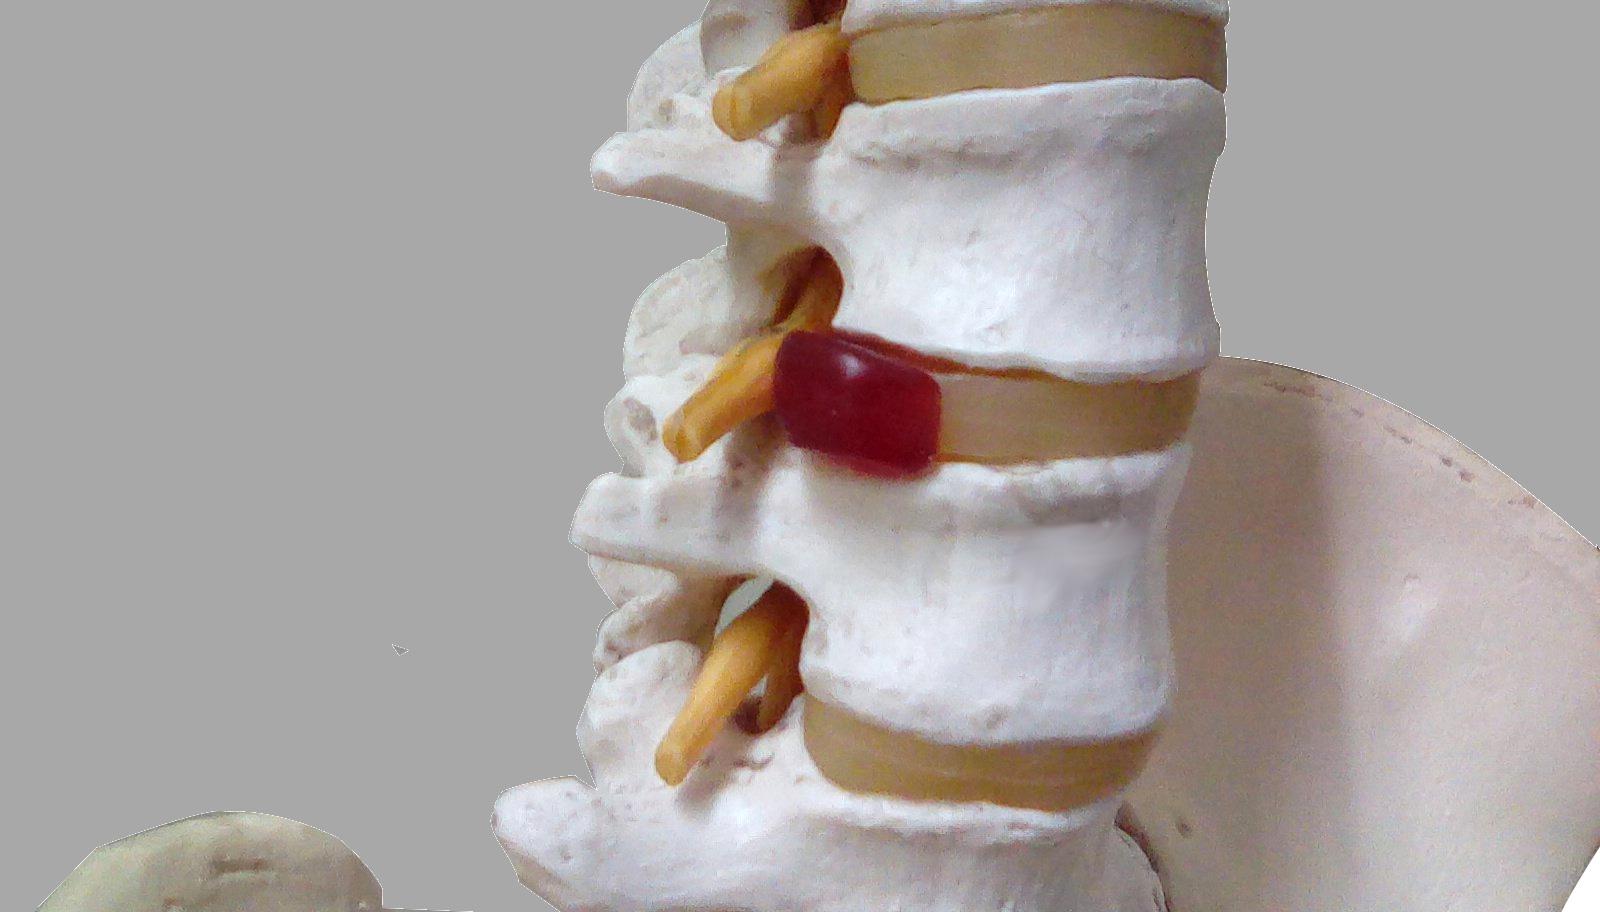 ぎっくり腰…急性腰痛|仙台市若林区河原町 山浦整骨院 院長のよもやま日記